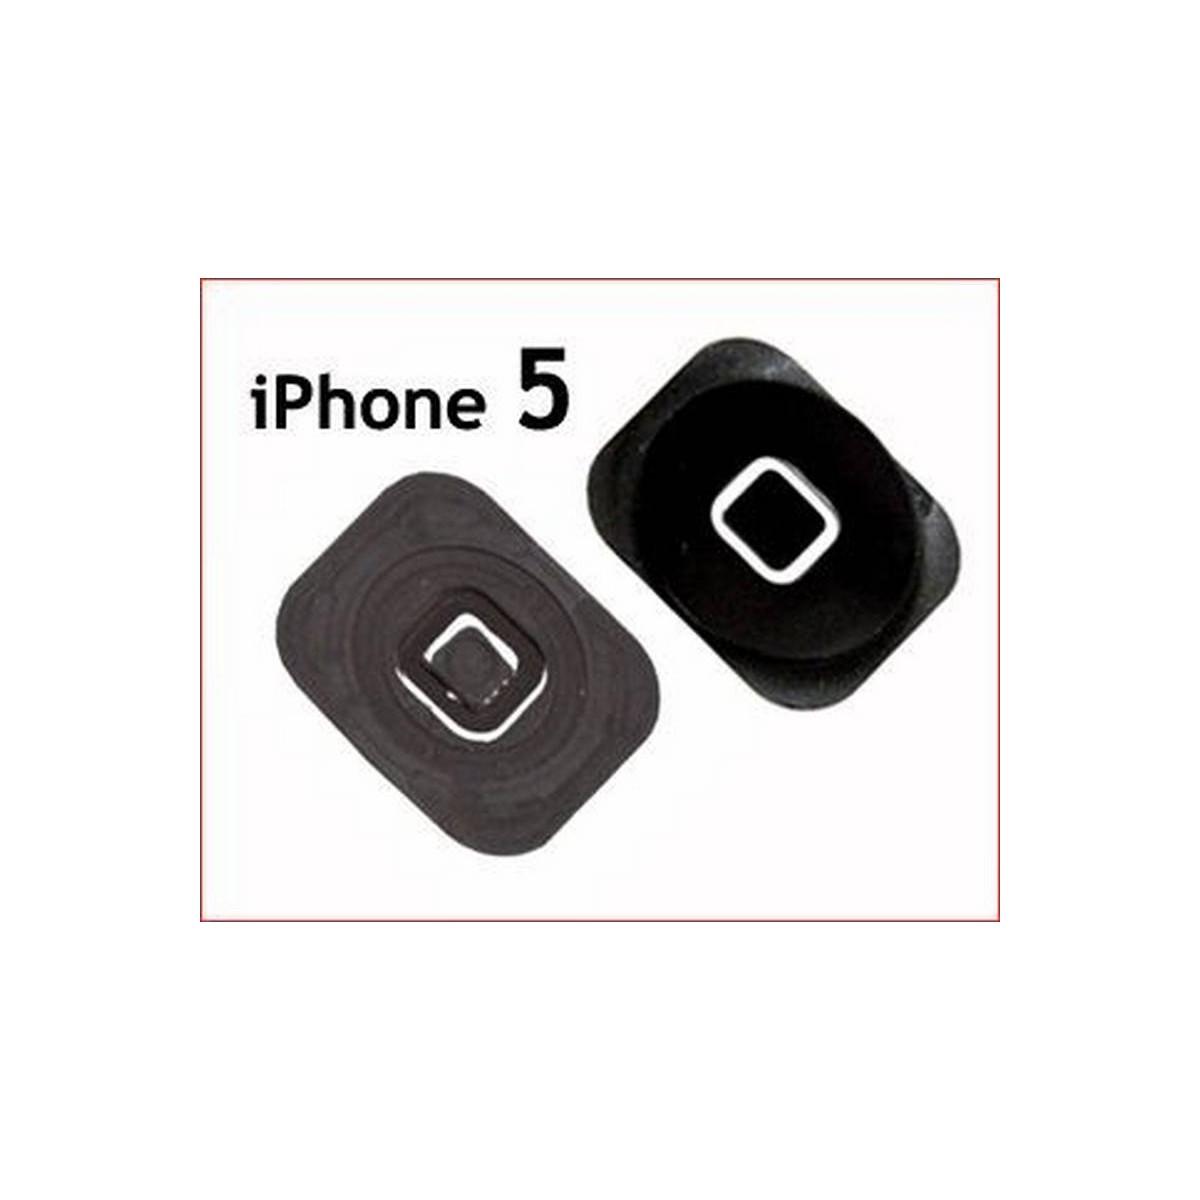 Botão de menú home preto para iphone 5